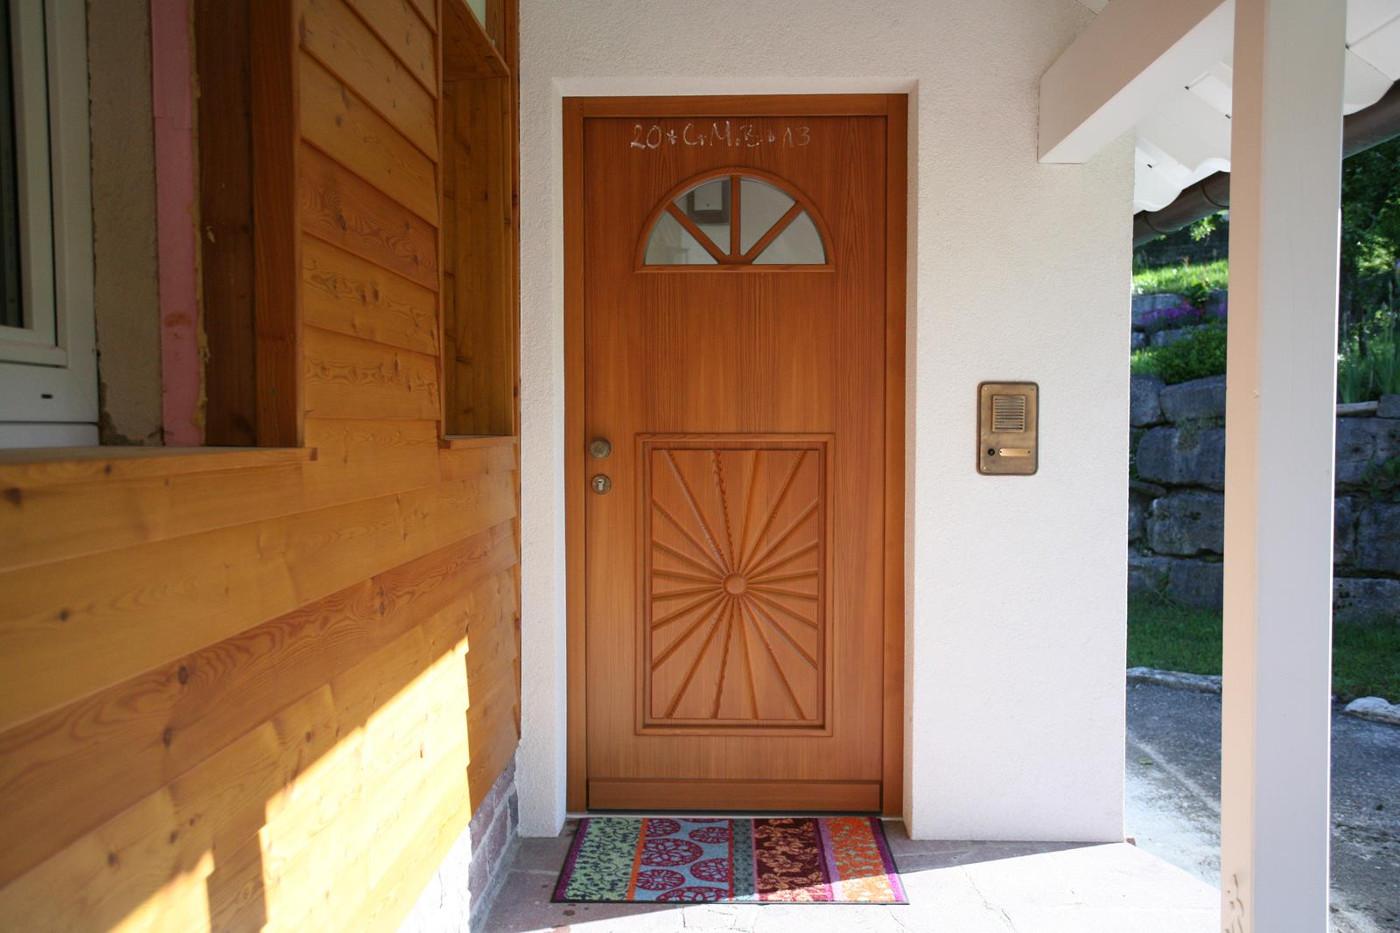 Haustüre mit schönem Muster